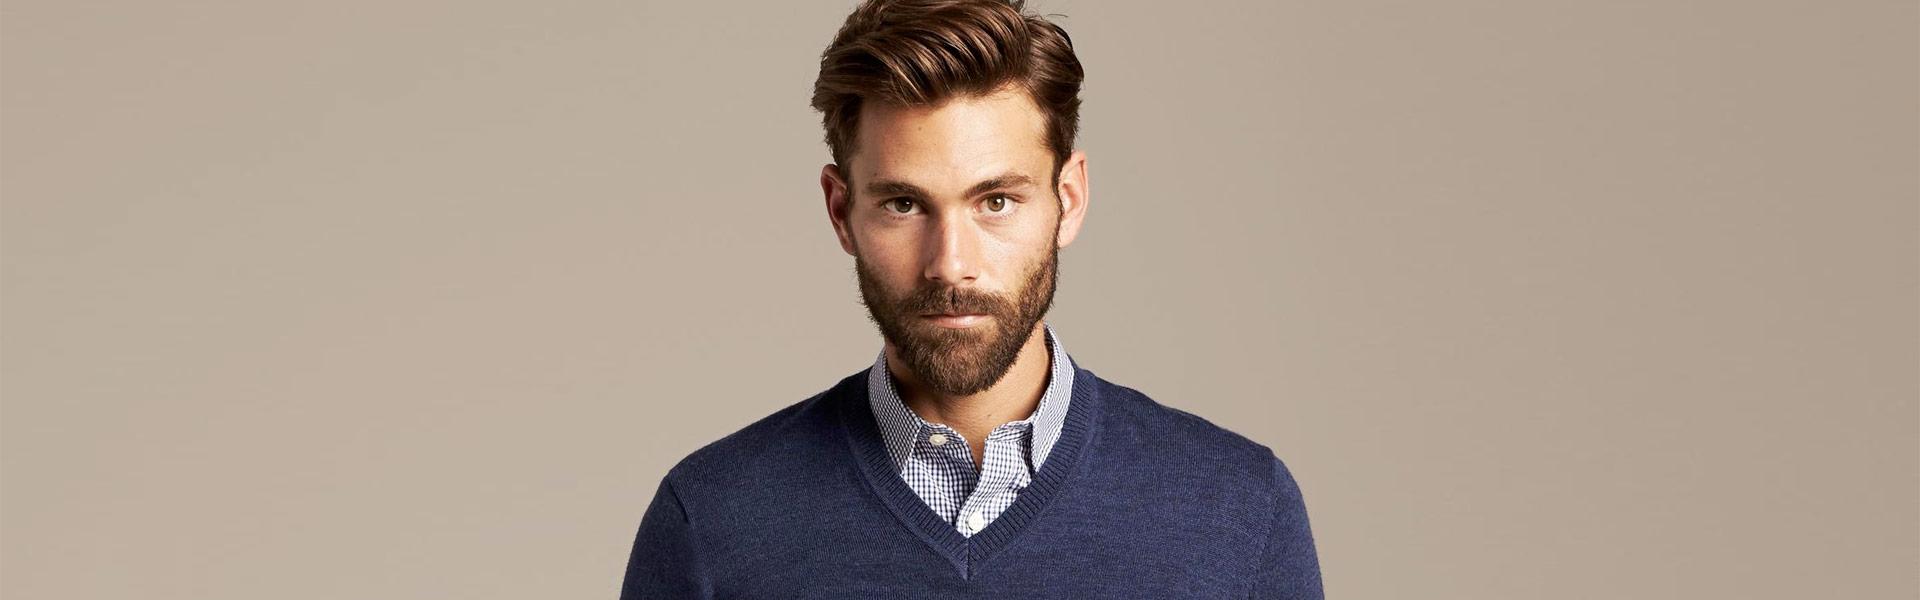 Trui Met Overhemd Heren.Heren Draag Een Pullover Met Overhemd Girav Long Fit Blog